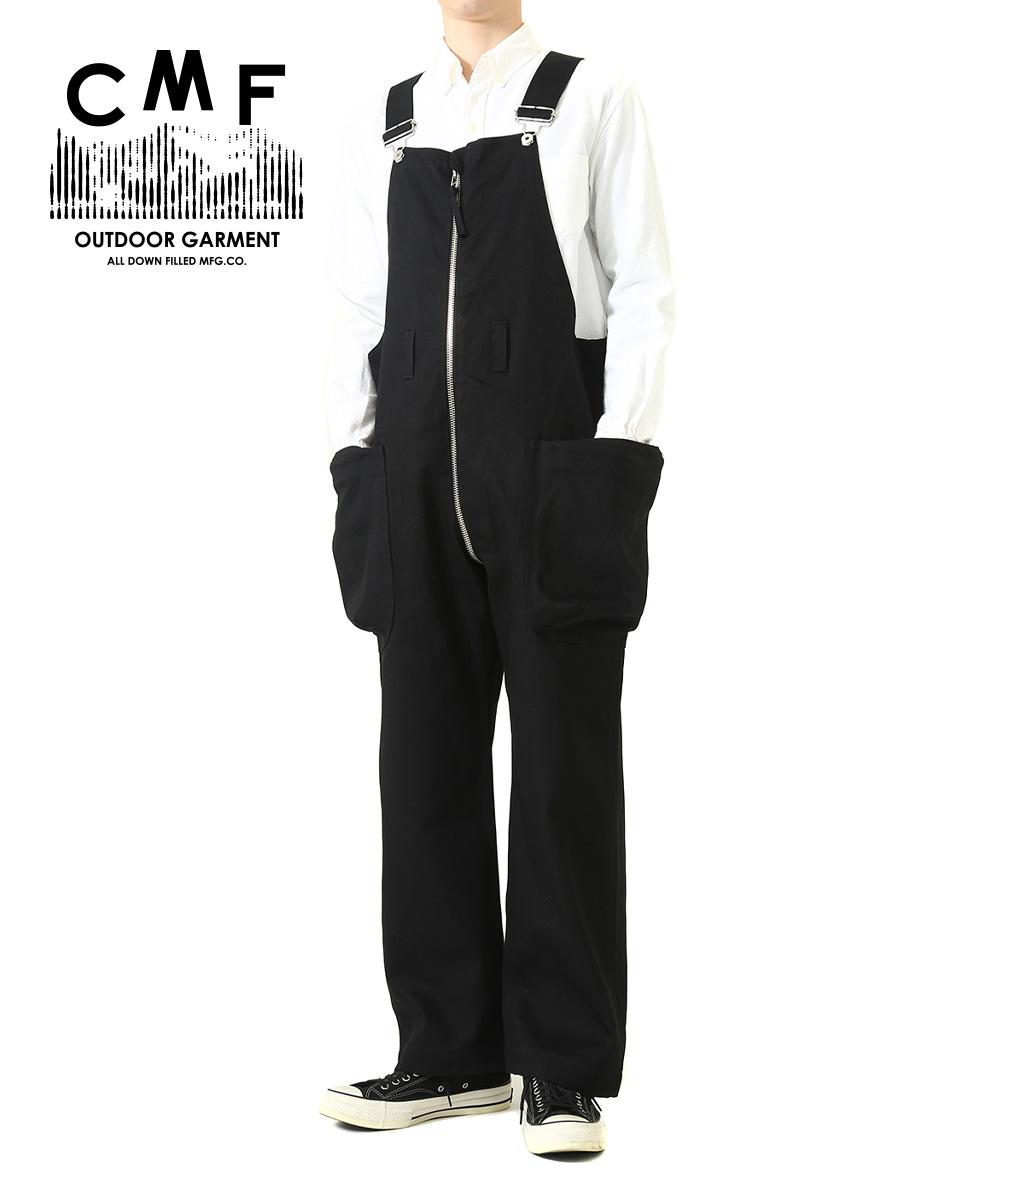 【サマーキャンペーン!】COMFY OUTDOOR GARMENT / コンフィーアウトドアガーメント : UNUSELESS OVERALLS : コンフィー オーバーオール ツナギ メンズ : CMF2001-P01J 【AST】